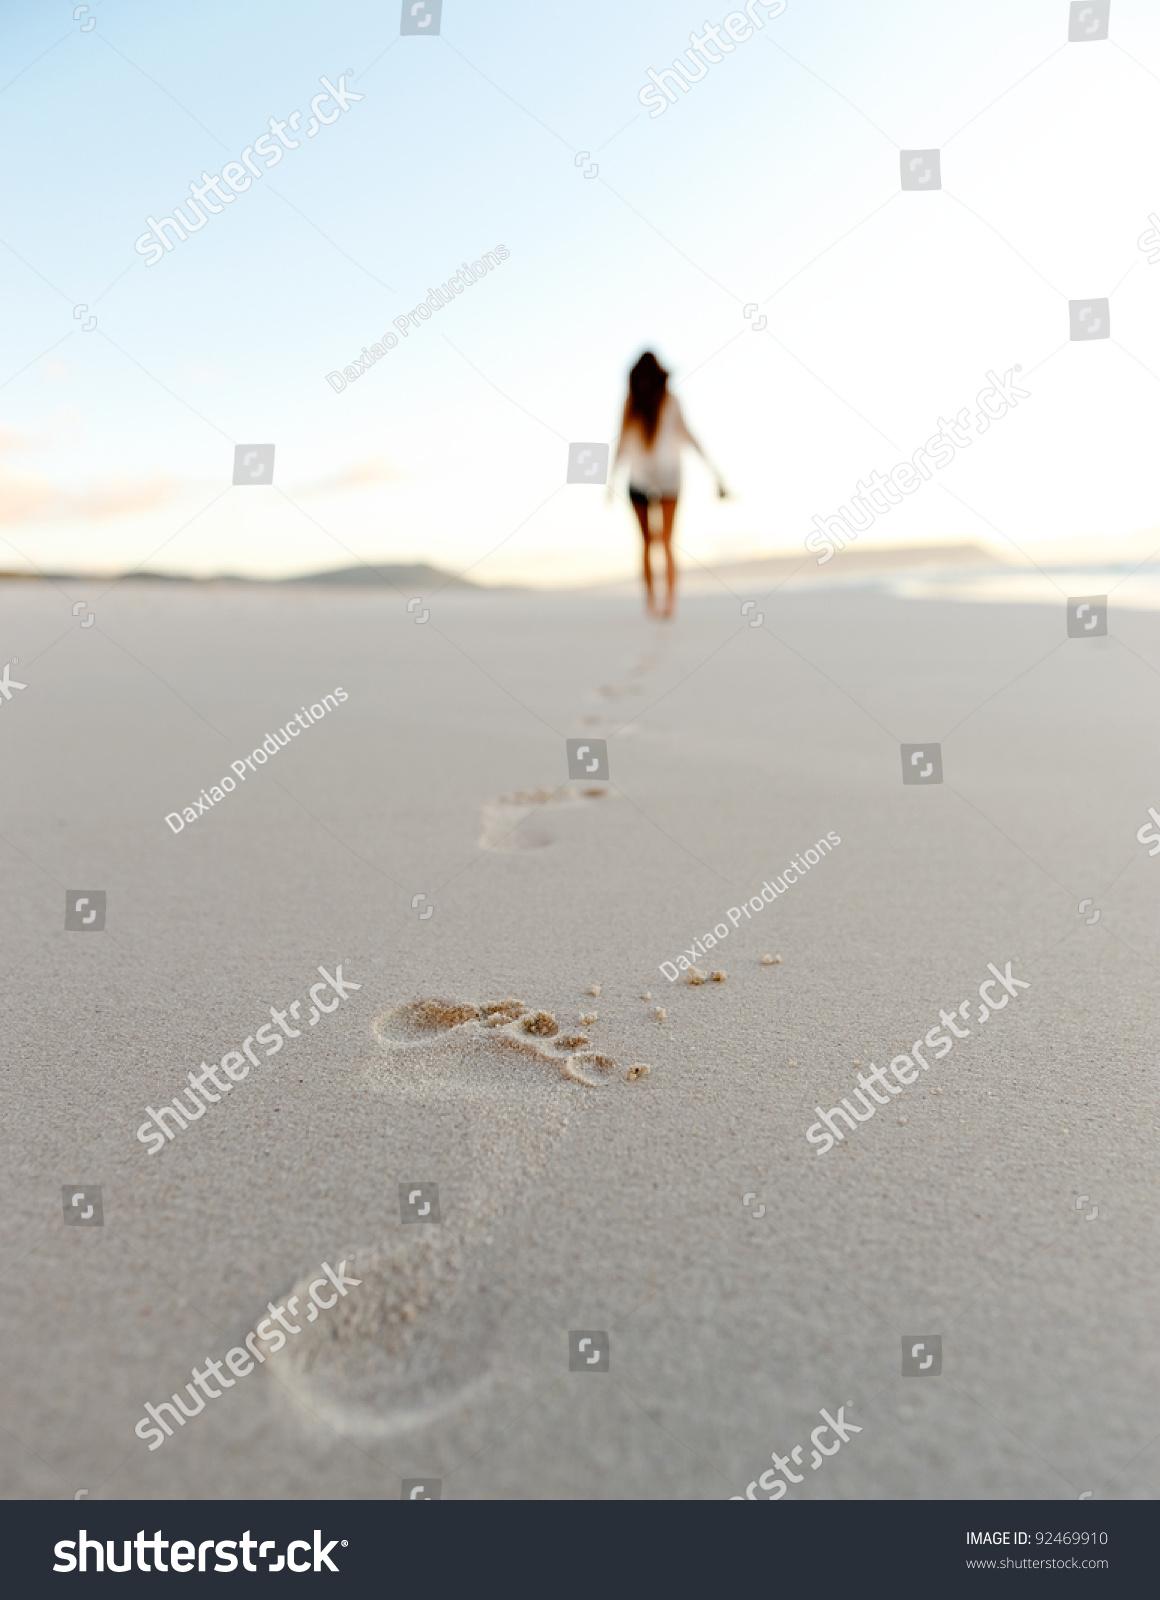 一个人孤独的走 - 唯美图片 QQJAY空间站